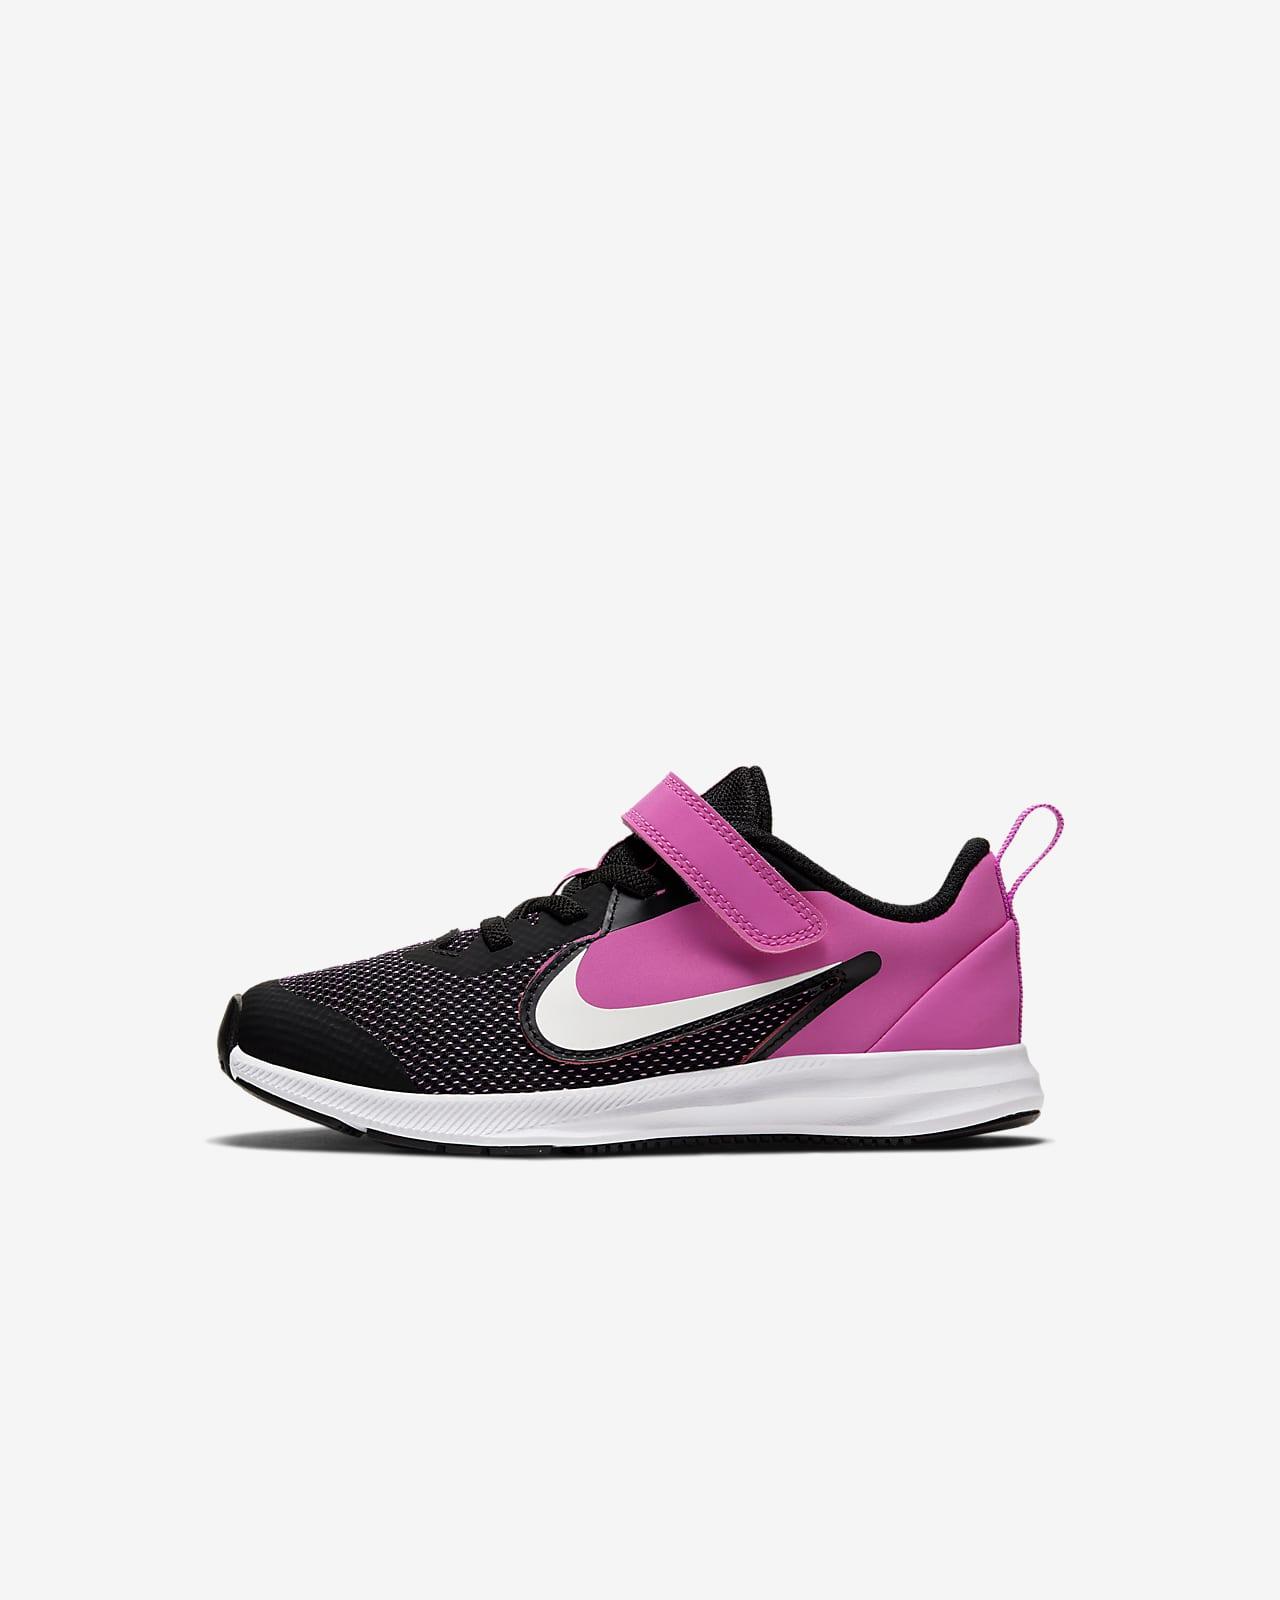 Calzado para niños pequeños Nike Downshifter 9